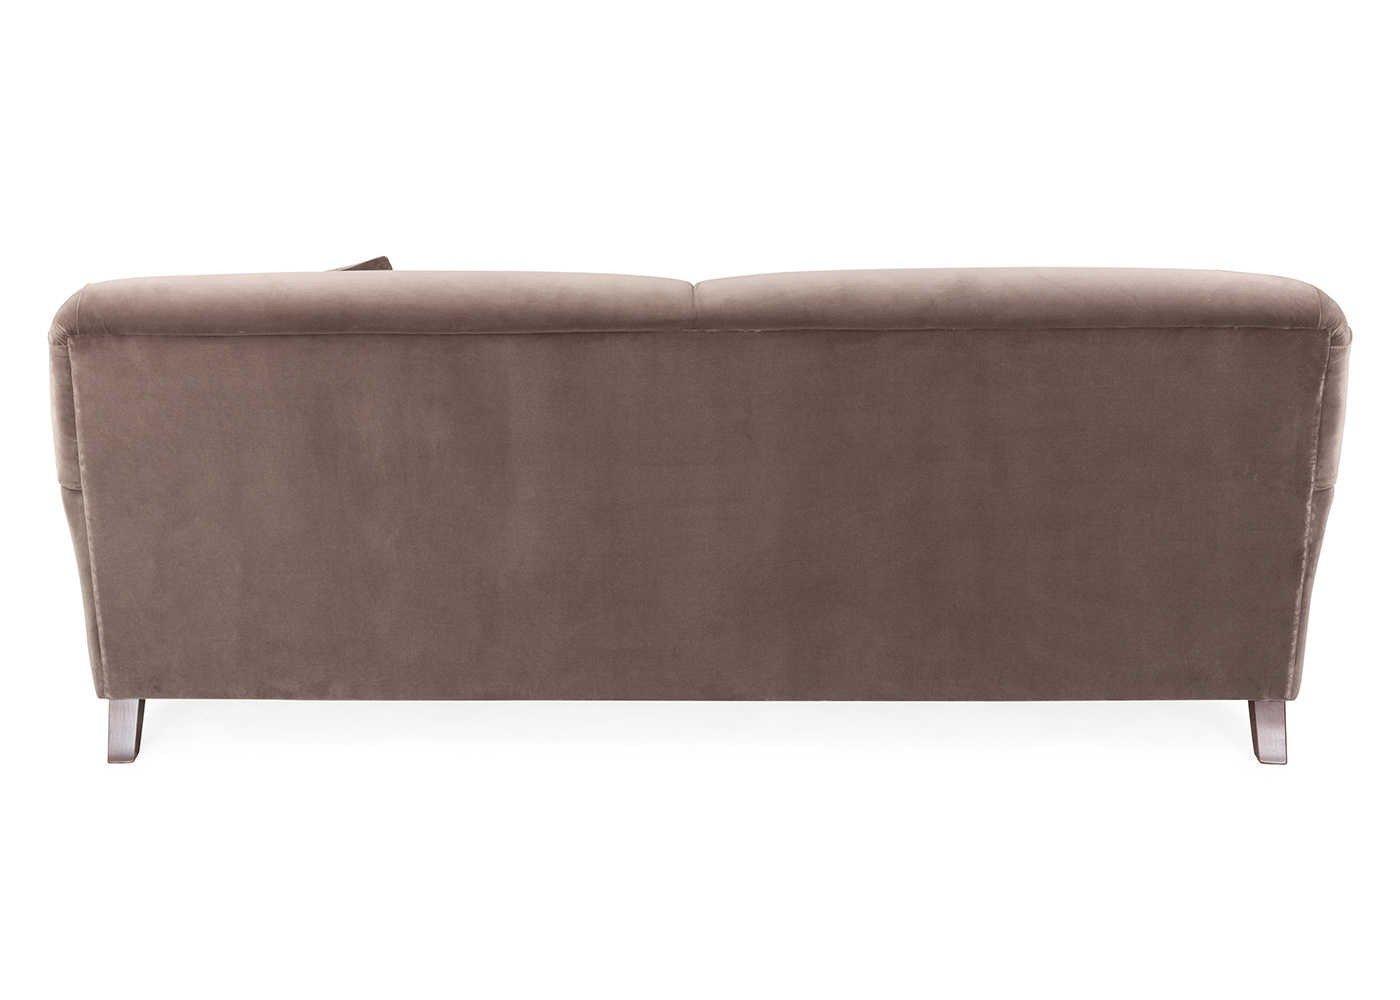 Hampstead 4 Seater Sofa – 4 Seater Sofa – Sofas Throughout Four Seater Sofas (Image 8 of 20)